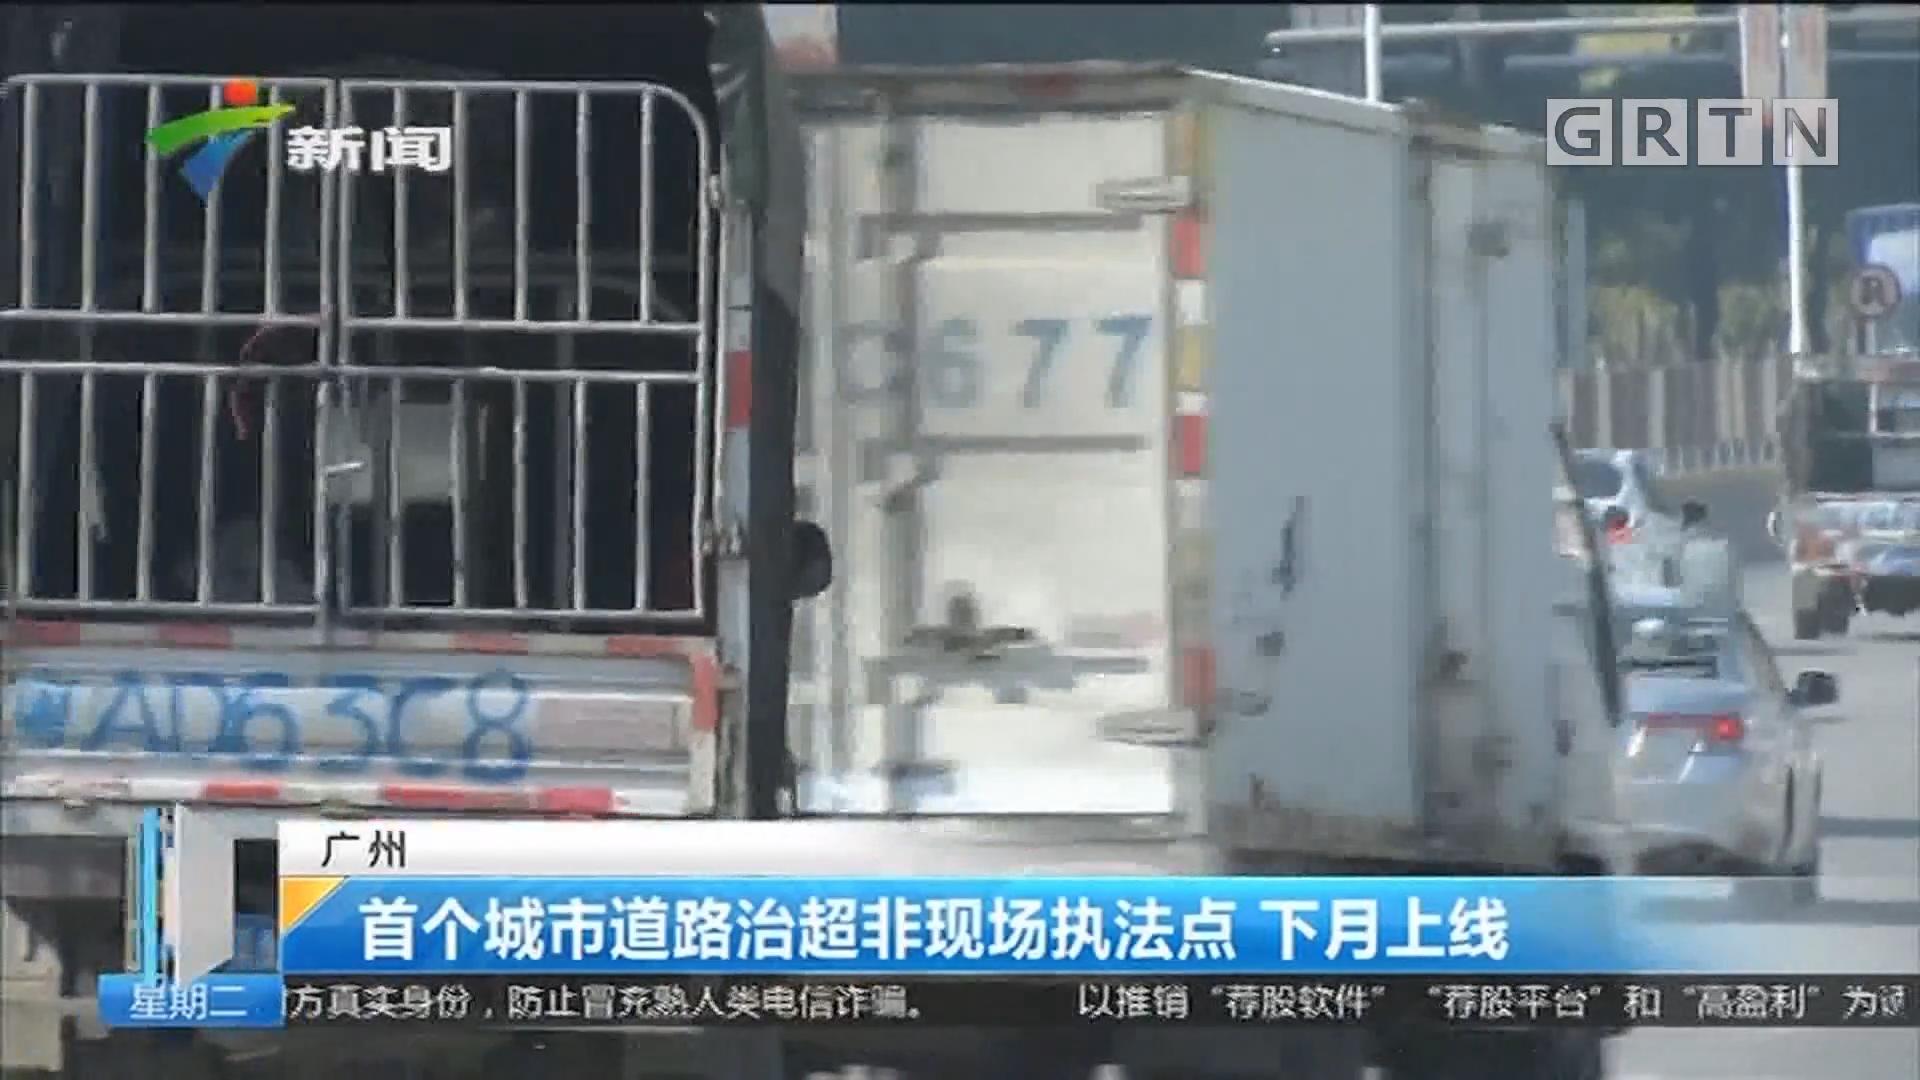 广州:首个城市道路治超非现场执法点 下月上线